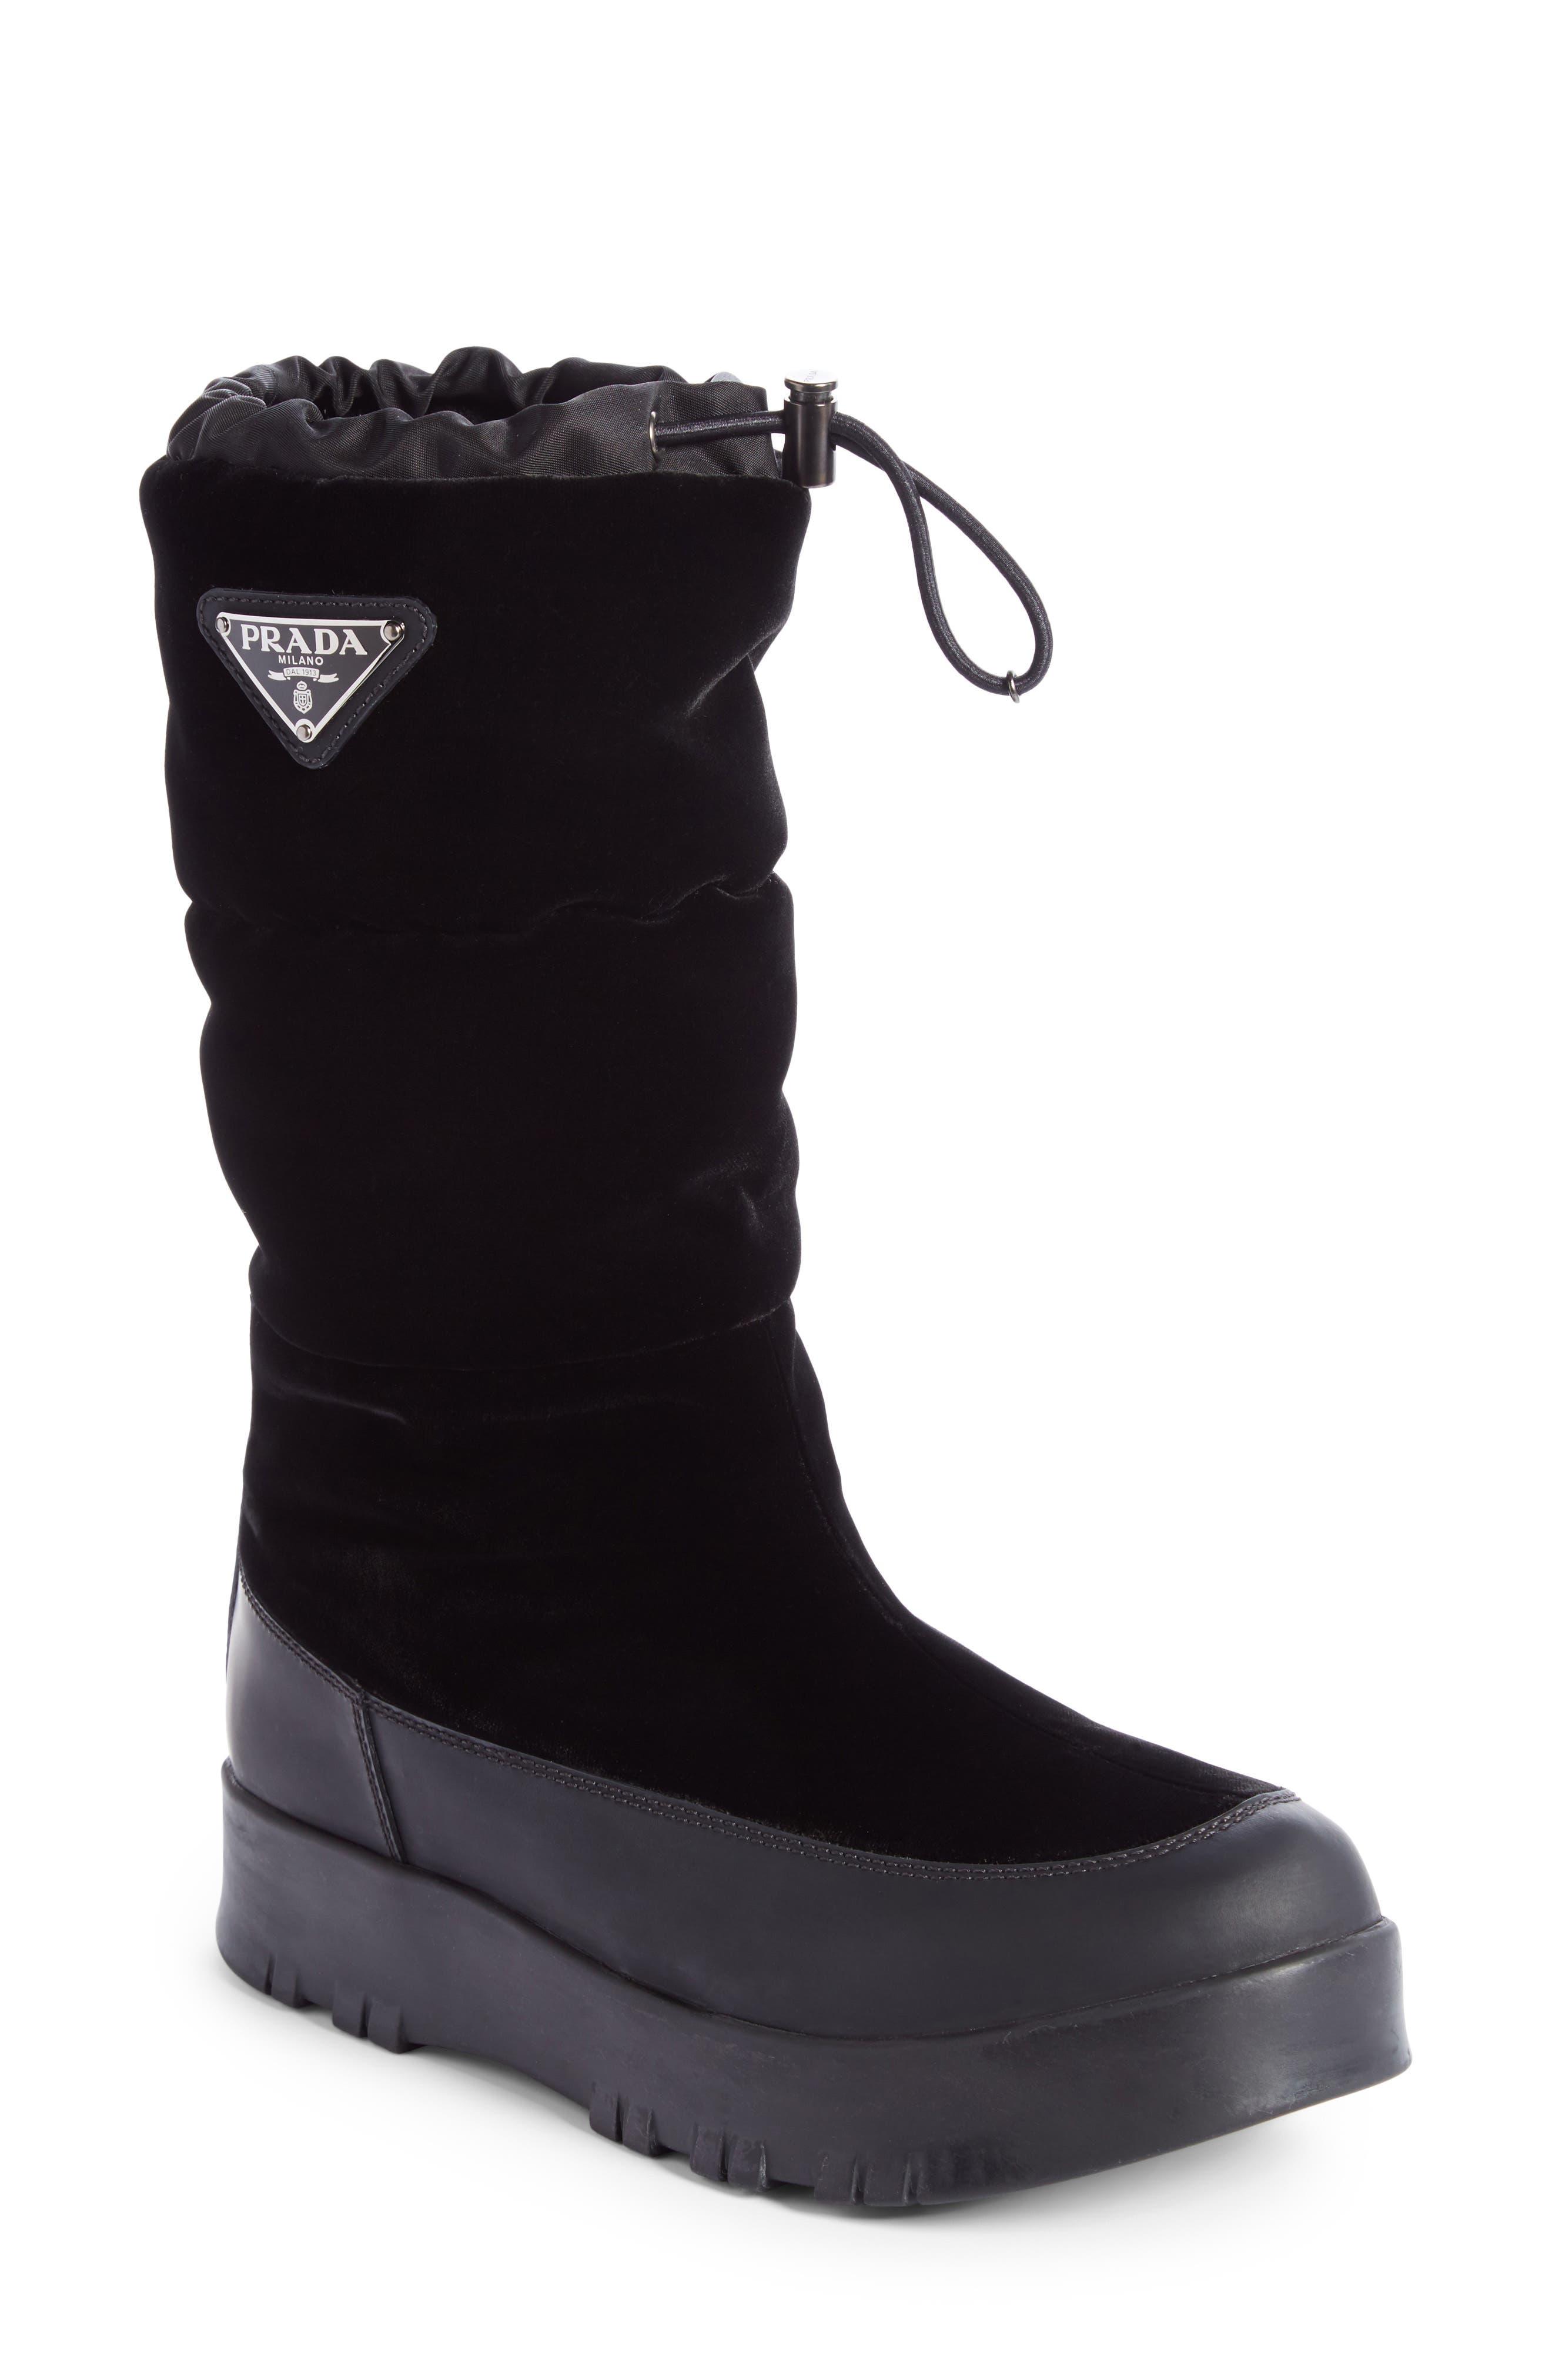 Prada Linea Rossa Logo Flatform Snow Boot (Women)